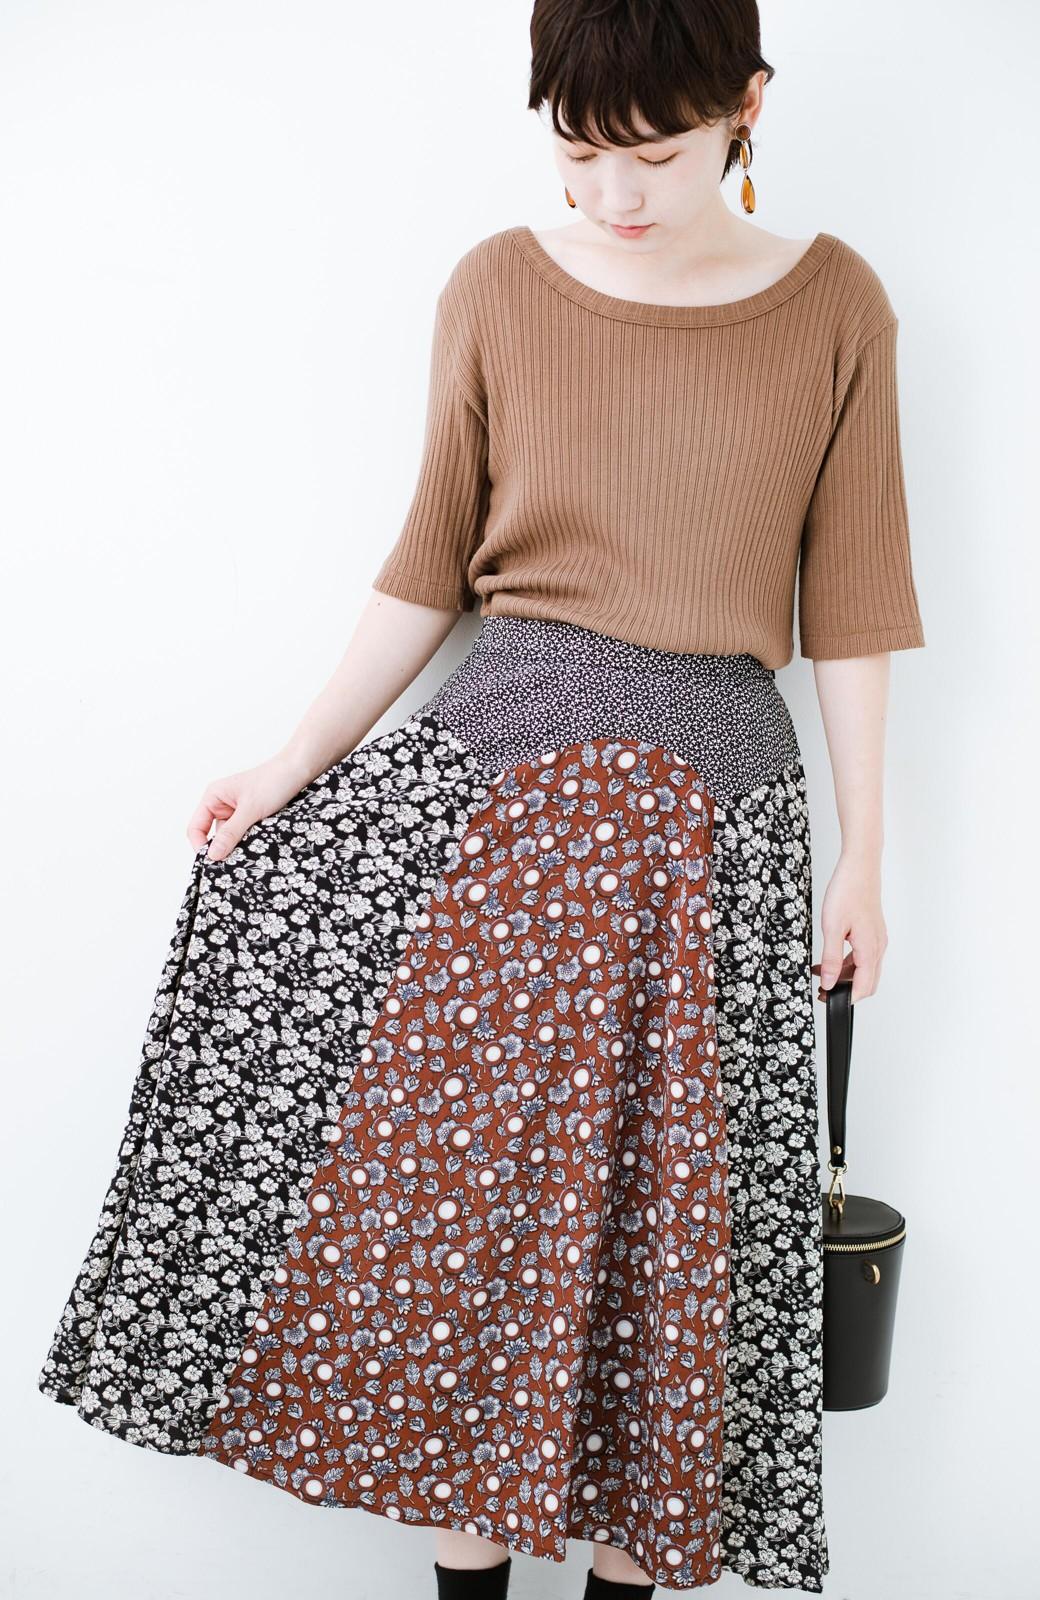 haco! 【洗濯機洗いOK】シンプルなトップスに合わせるだけでかわいくなれる MIX柄スカート <ブラックミックス>の商品写真17